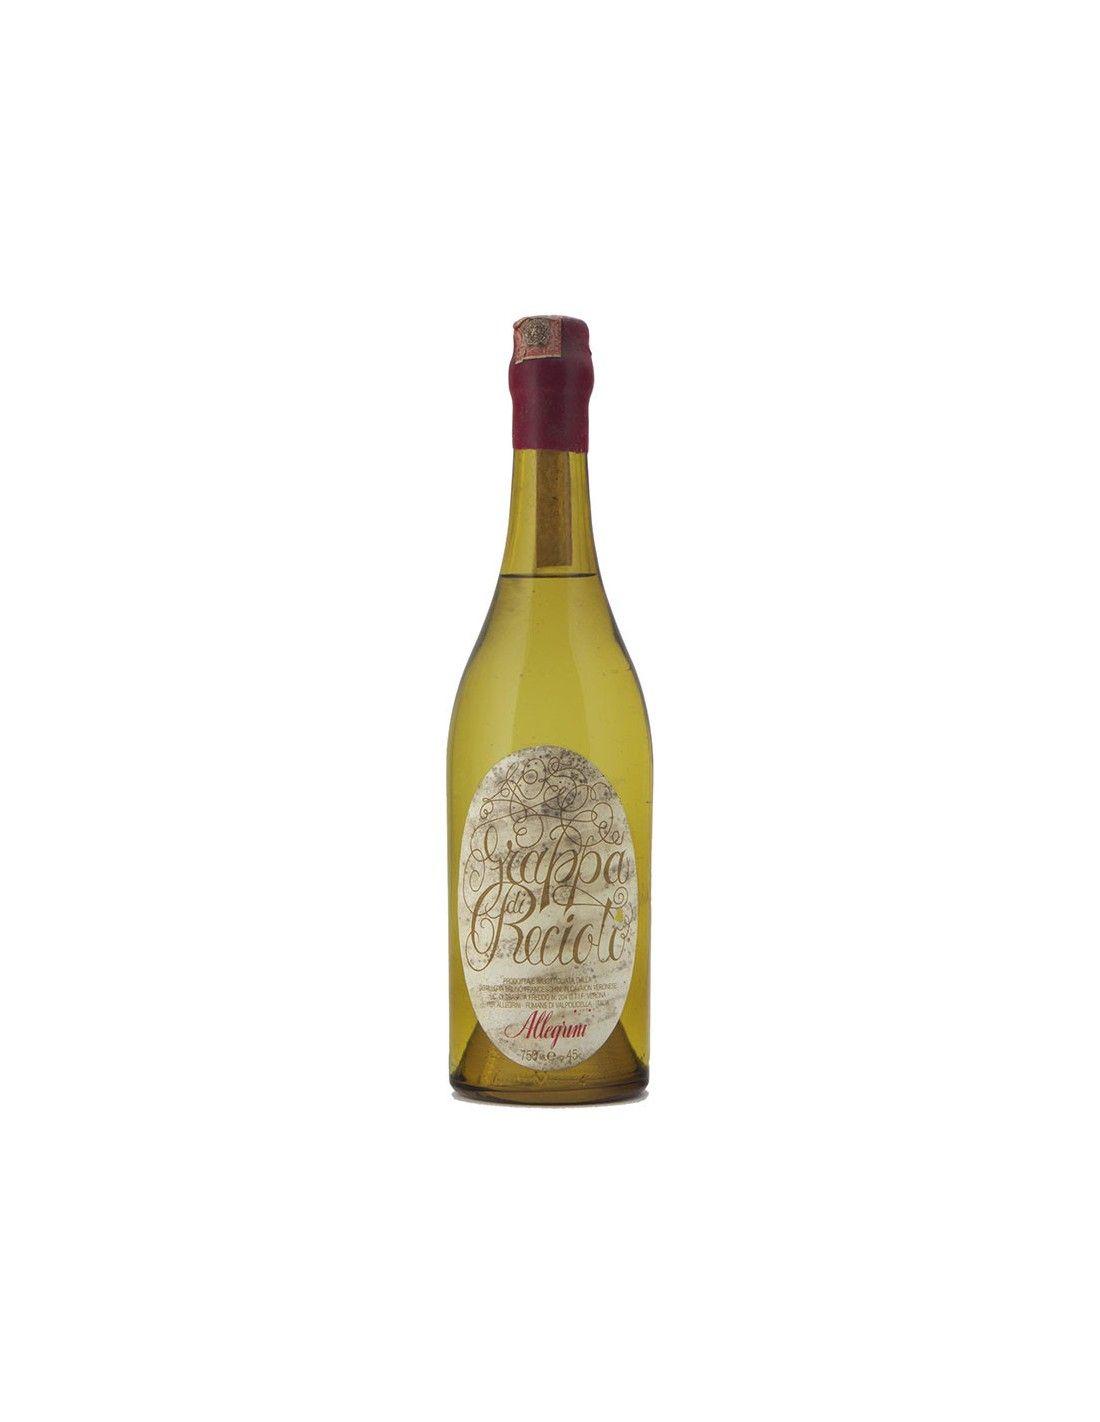 GRAPPA DI RECIOTO 75 CL NV ALLEGRINI Grandi Bottiglie